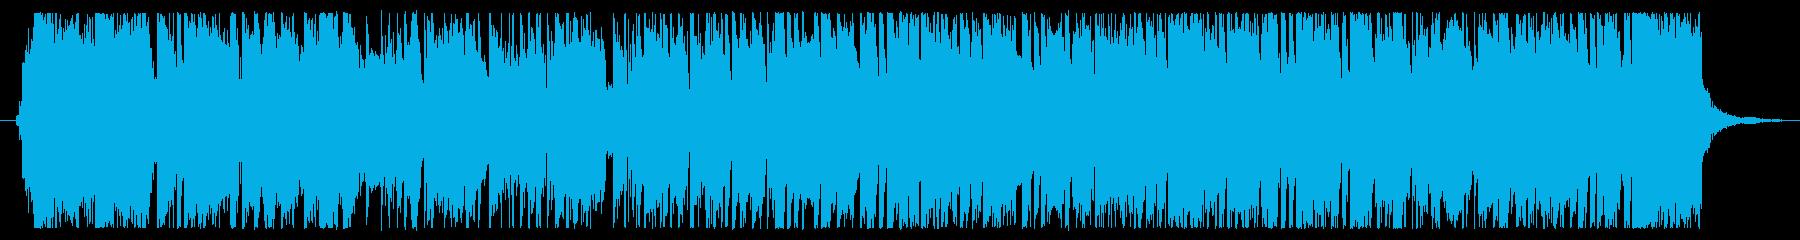 ニュースやバラエティ番組のOP楽曲の再生済みの波形